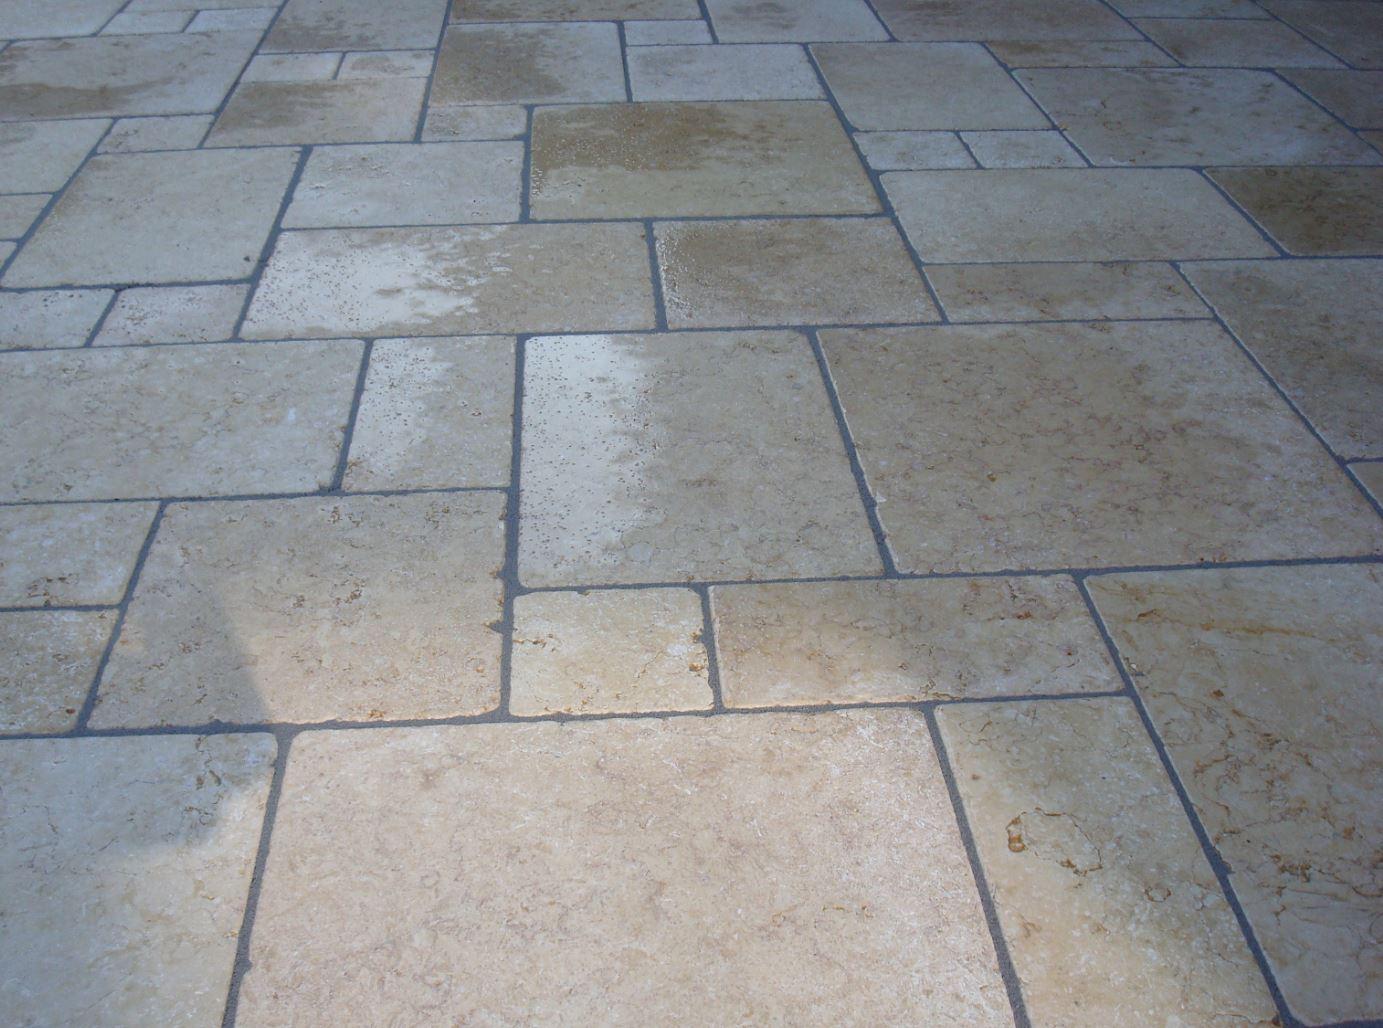 Beläge. Wir sind Fachbetrieb für Terassen und Pflaster arbeiten. Egal ob Granit oder Basalt Wir sind Ihr richtige Ansprechpartner rund um das Thema Gartenbau in Augsburg, München und Fürstenfeldbruck